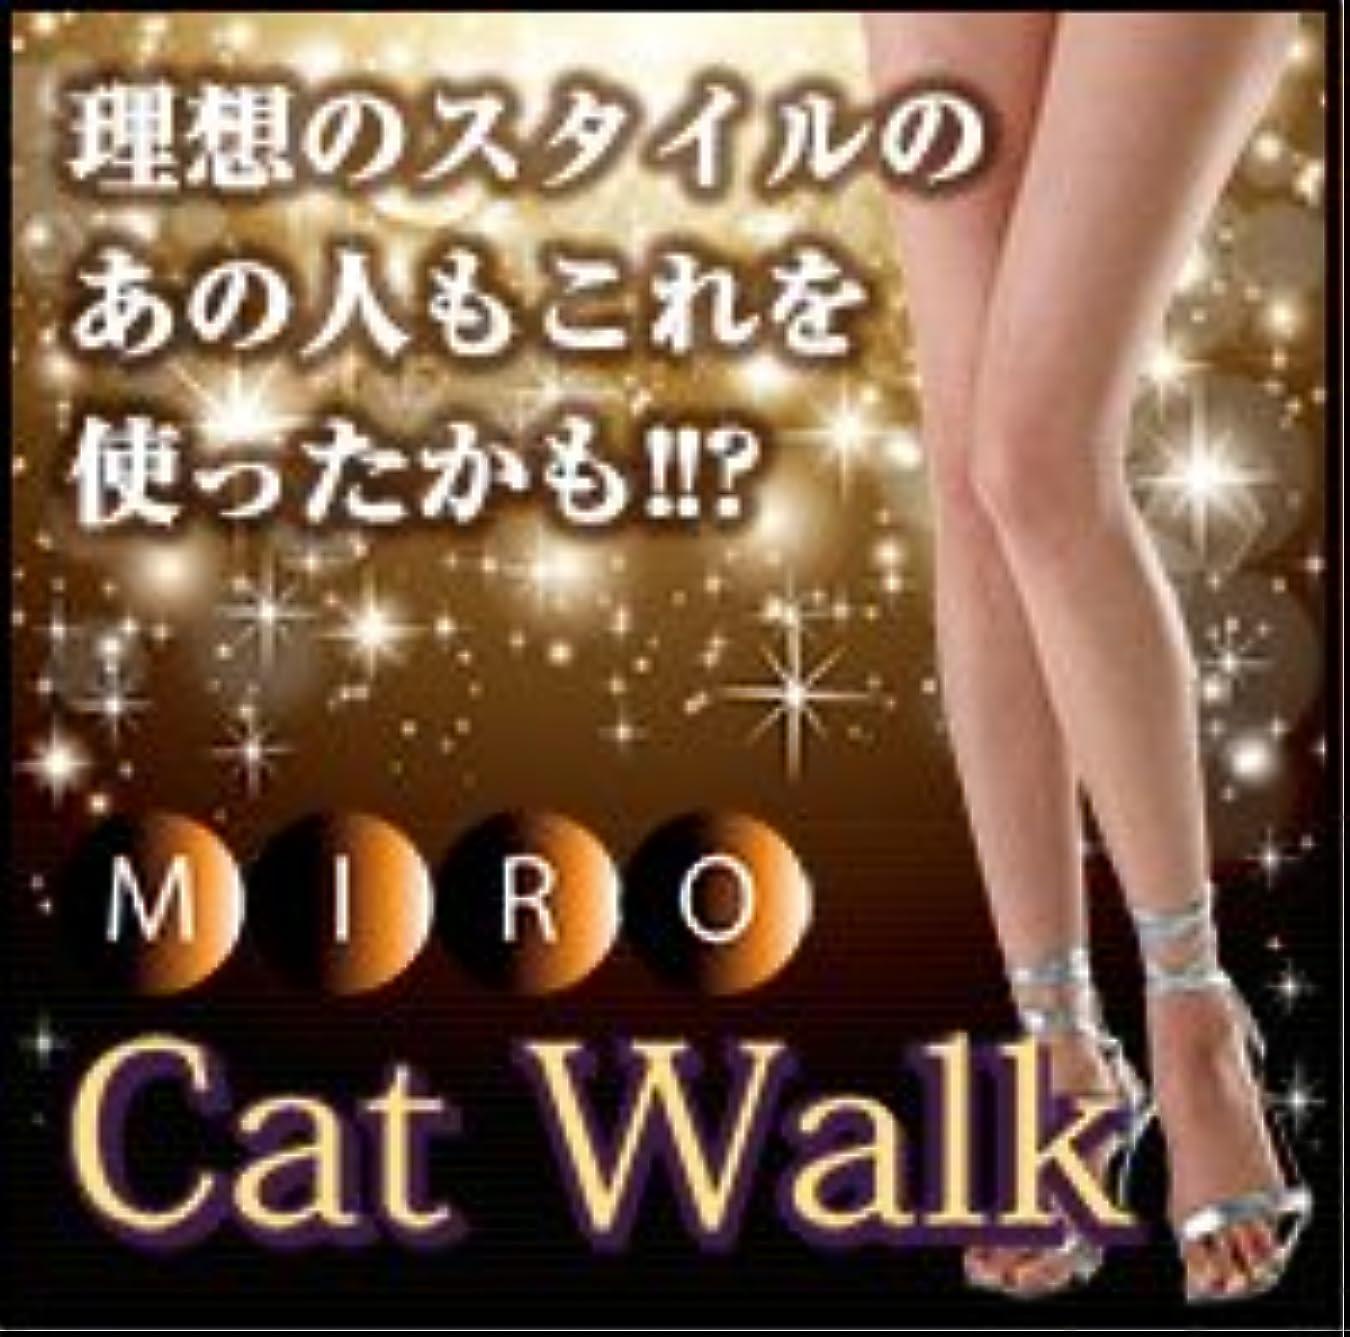 疲れたトレース彫刻MIRO CAT Walk(ミロ キャットウォーク)/理想のスタイルのあの人もこれを使ったかも!?【CC】